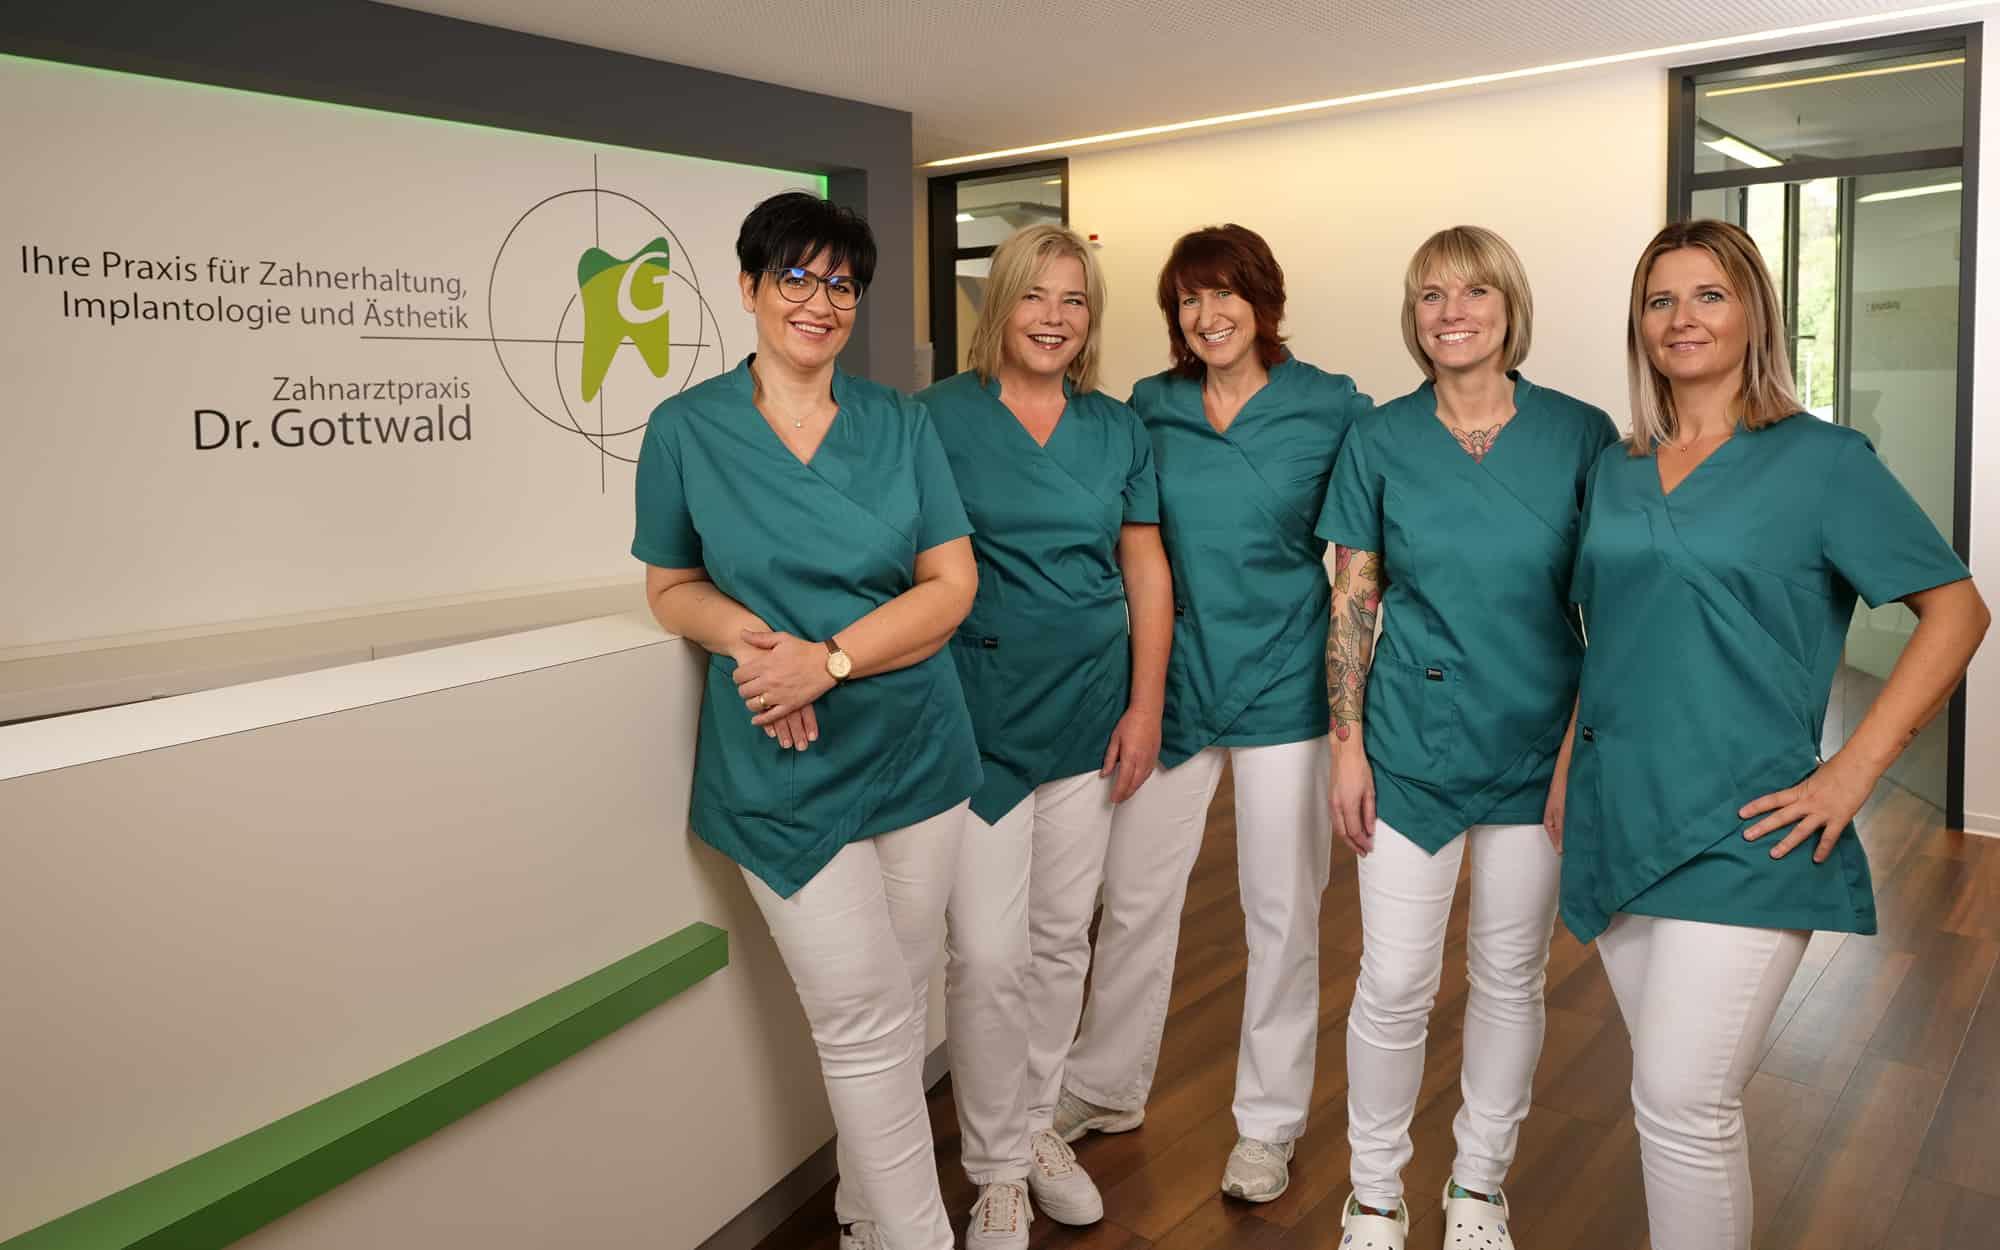 Ihr Prophylaxeteam - Team der Prophylaxe-Assistentinnen in der Zahnarztpraxis Dr. Wolfgang Gottwald in Koblenz am Hauptbahnhof - Ein Team von Expertinnen und Experten erwartet Sie in unserer Zahnarztpraxis in Koblenz